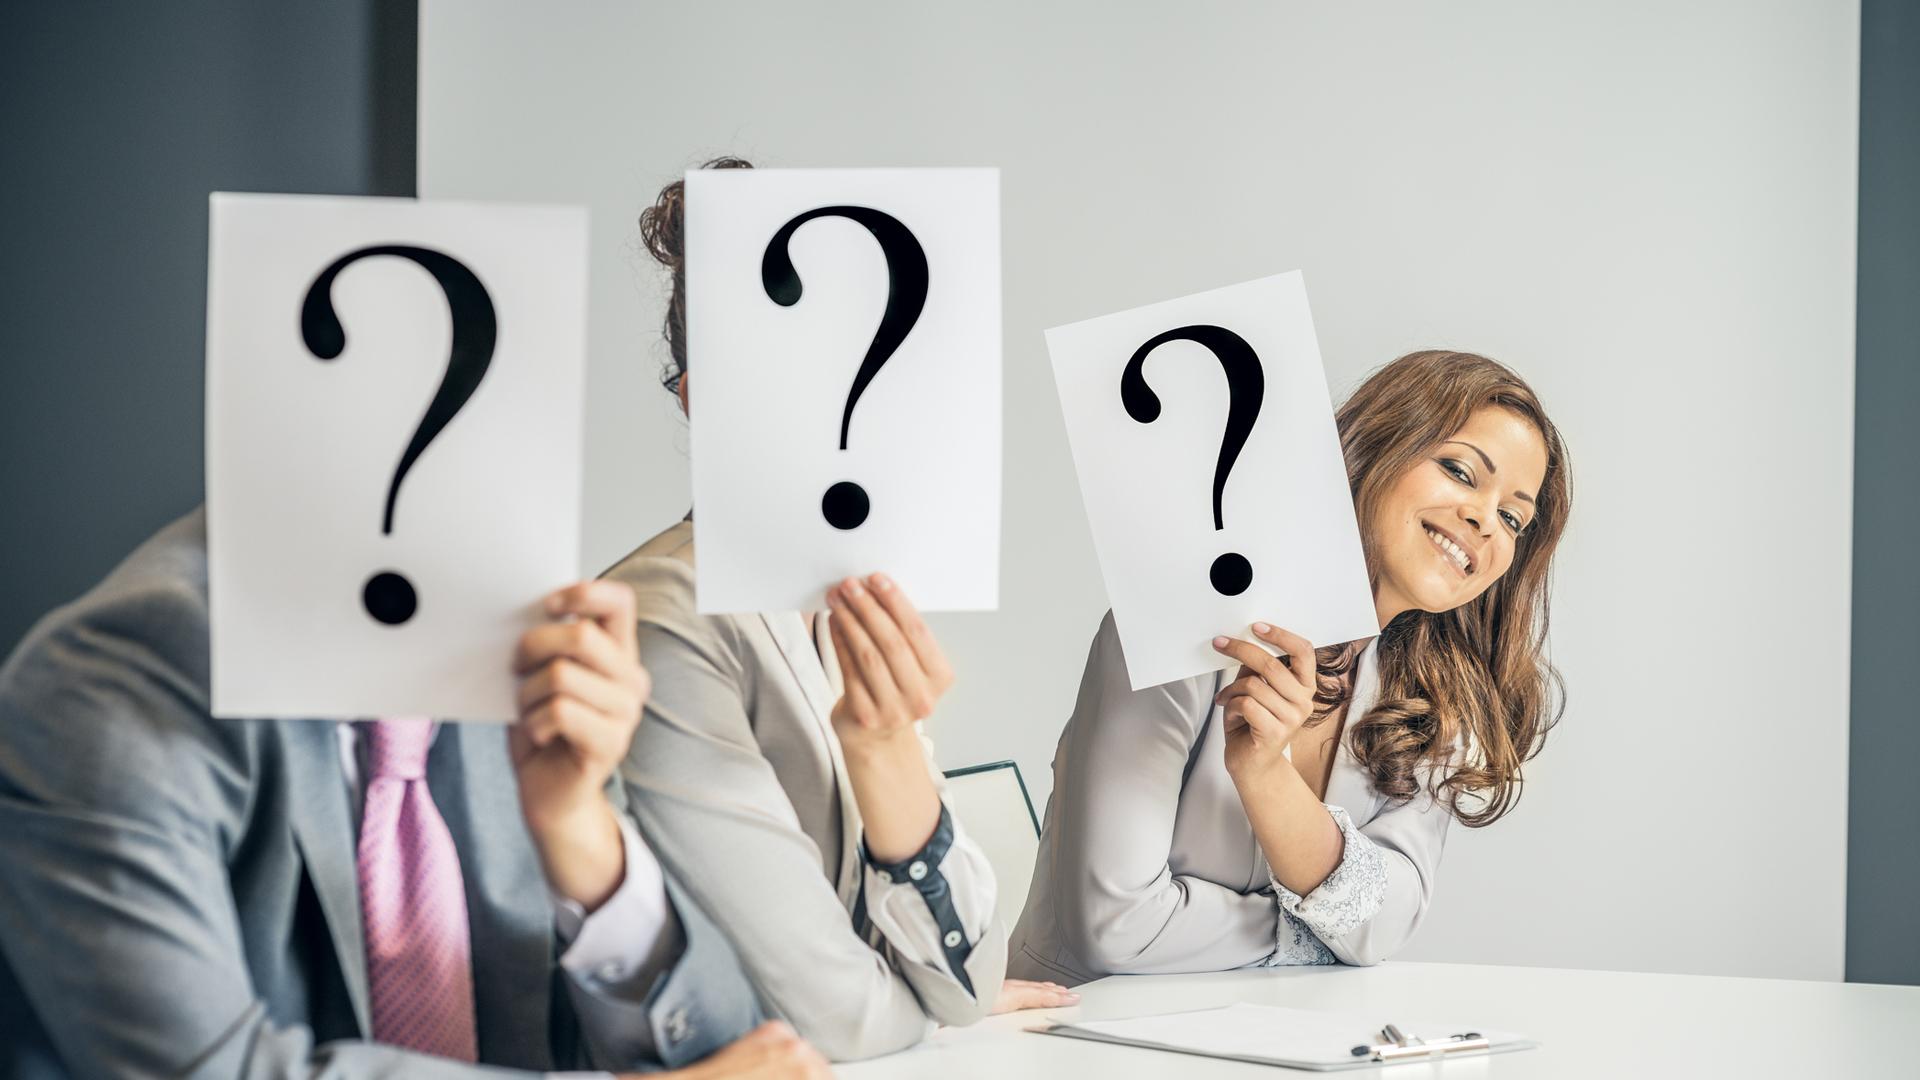 Правильные вопросы волшебные изменения